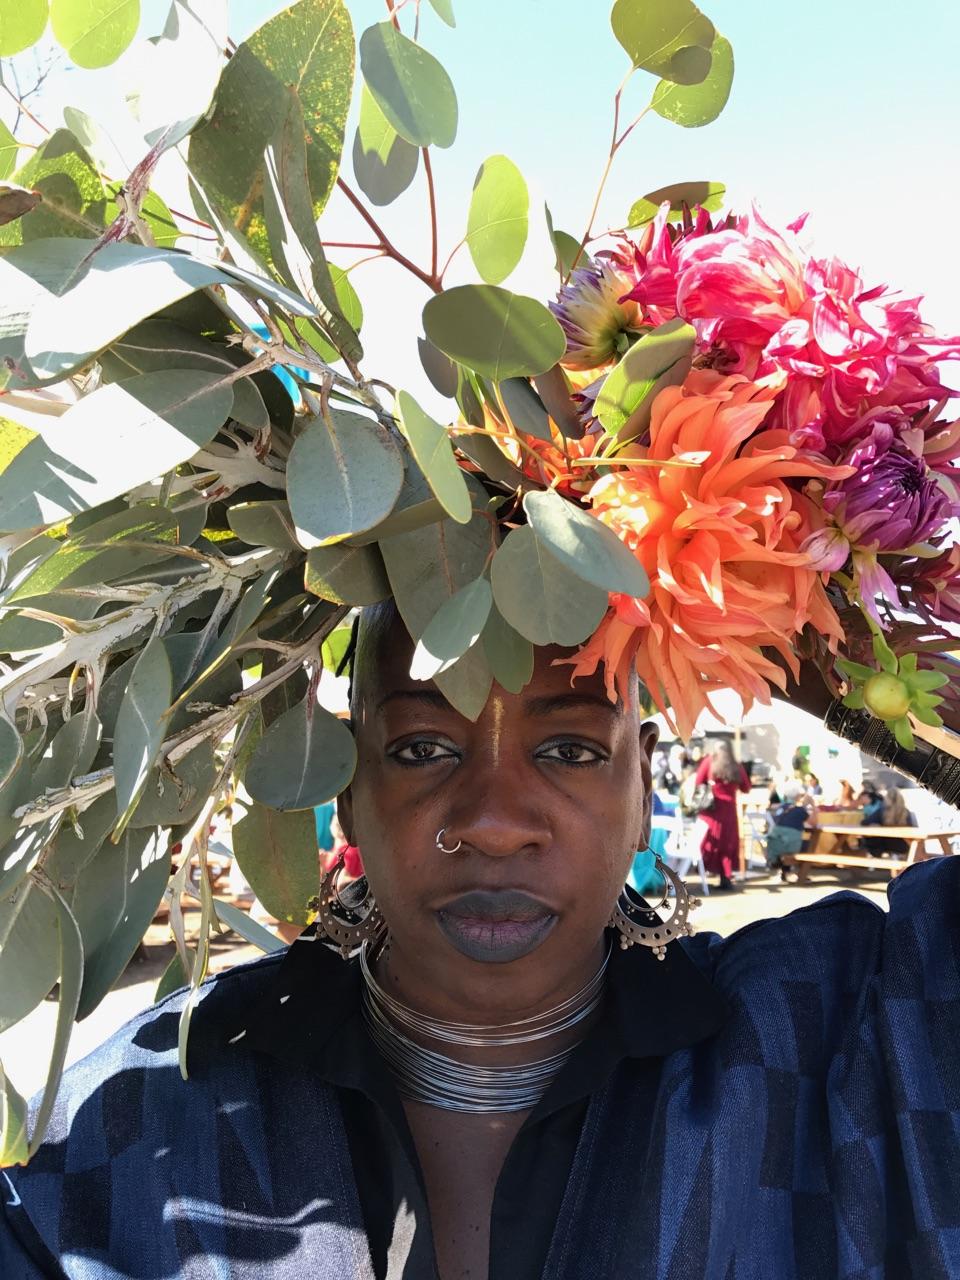 Ashara_flowers_headshot.JPG